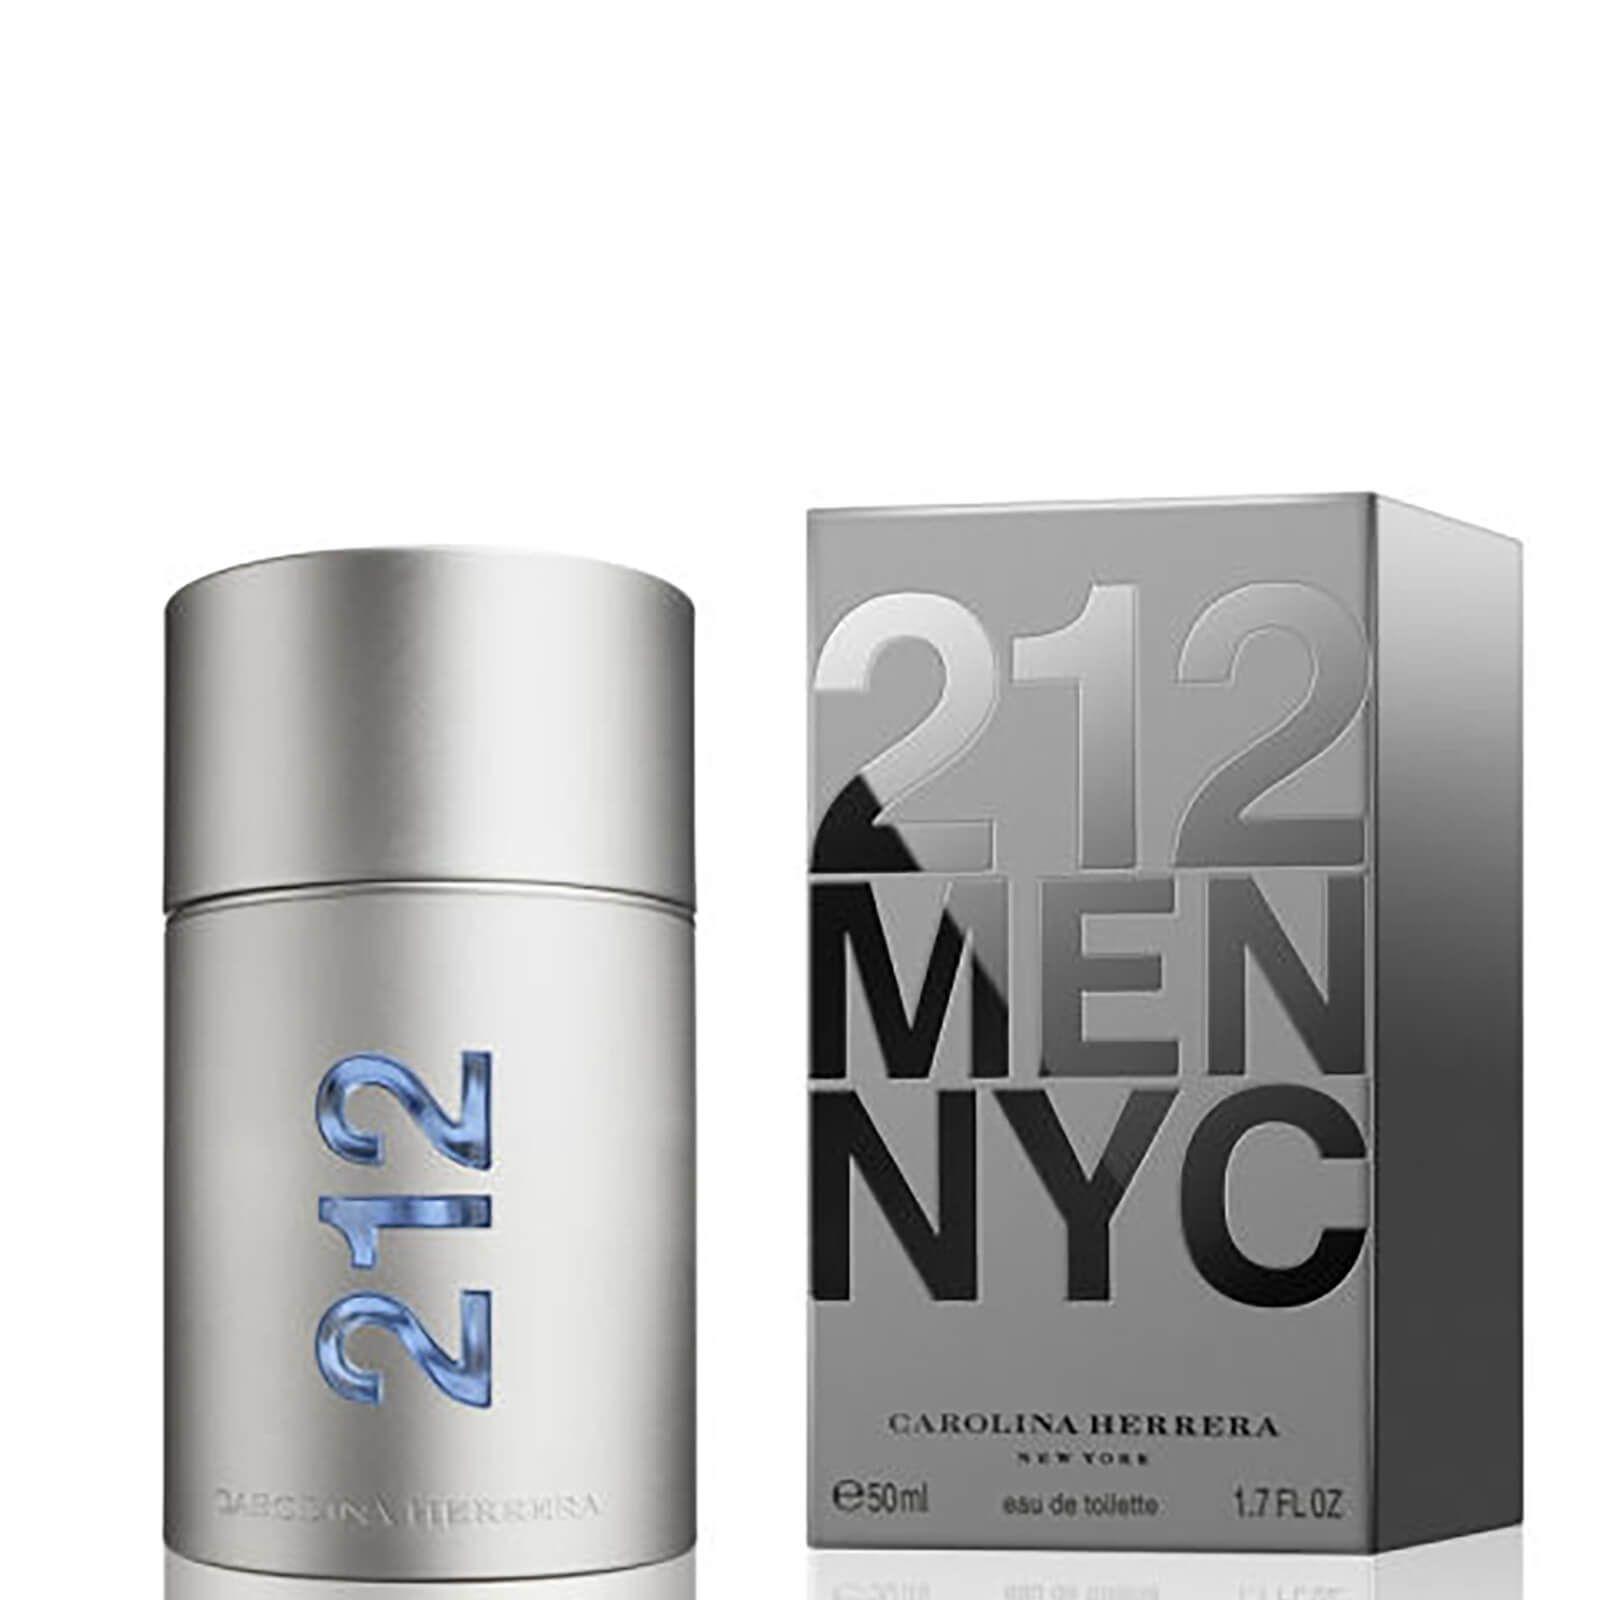 Perfume 212 NYC Men Carolina Herrera Eau de Toilette 200ml